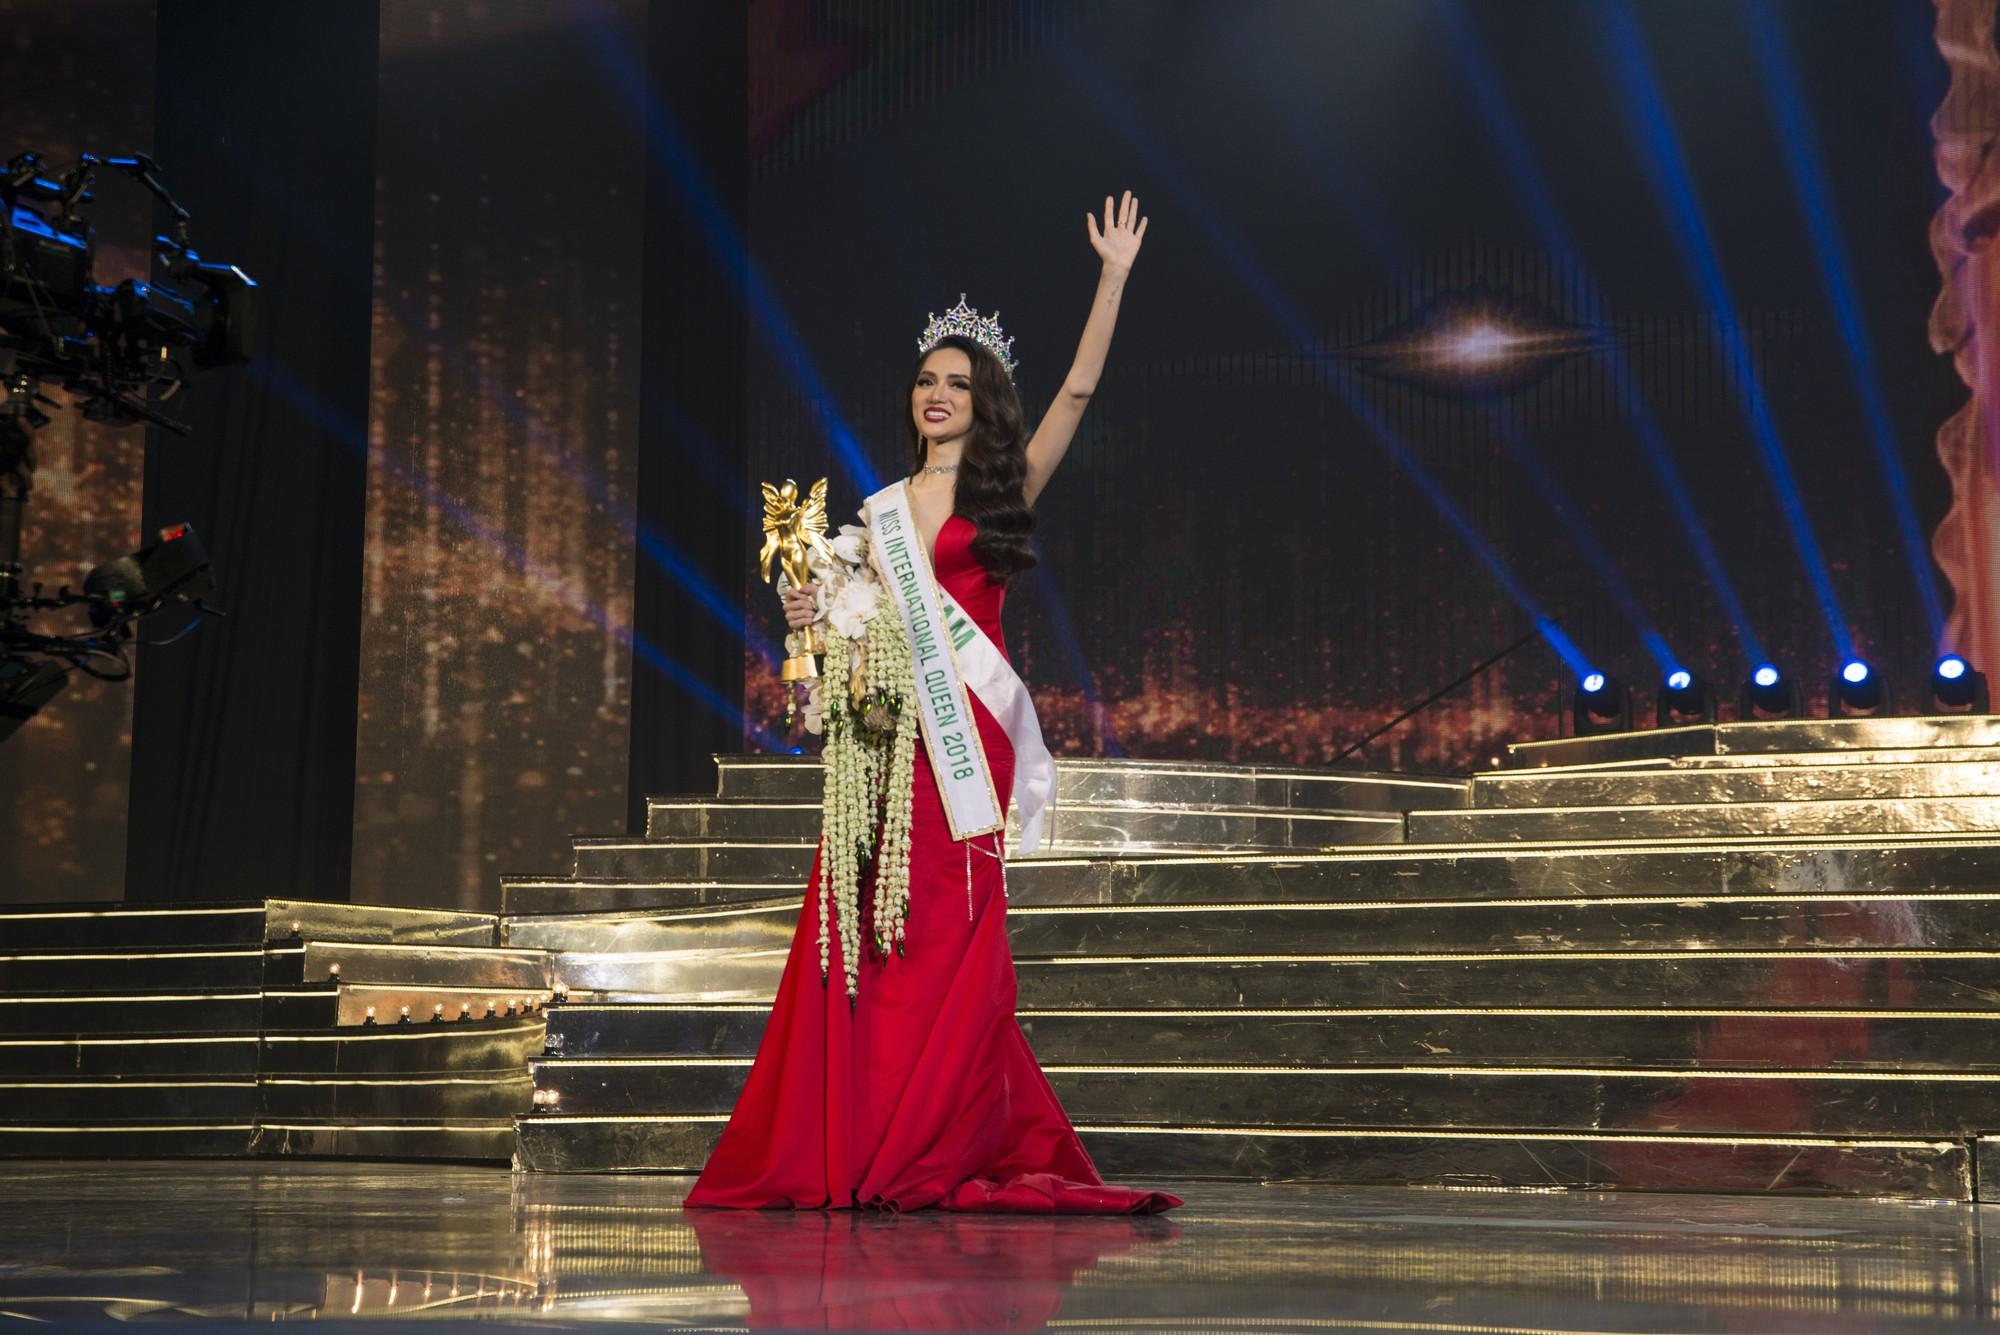 HOT: Hương Giang sẽ lần đầu giao lưu khán giả Việt Nam với cương vị Tân Hoa hậu chuyển giới Quốc tế 2018 tại JAM - Ảnh 2.